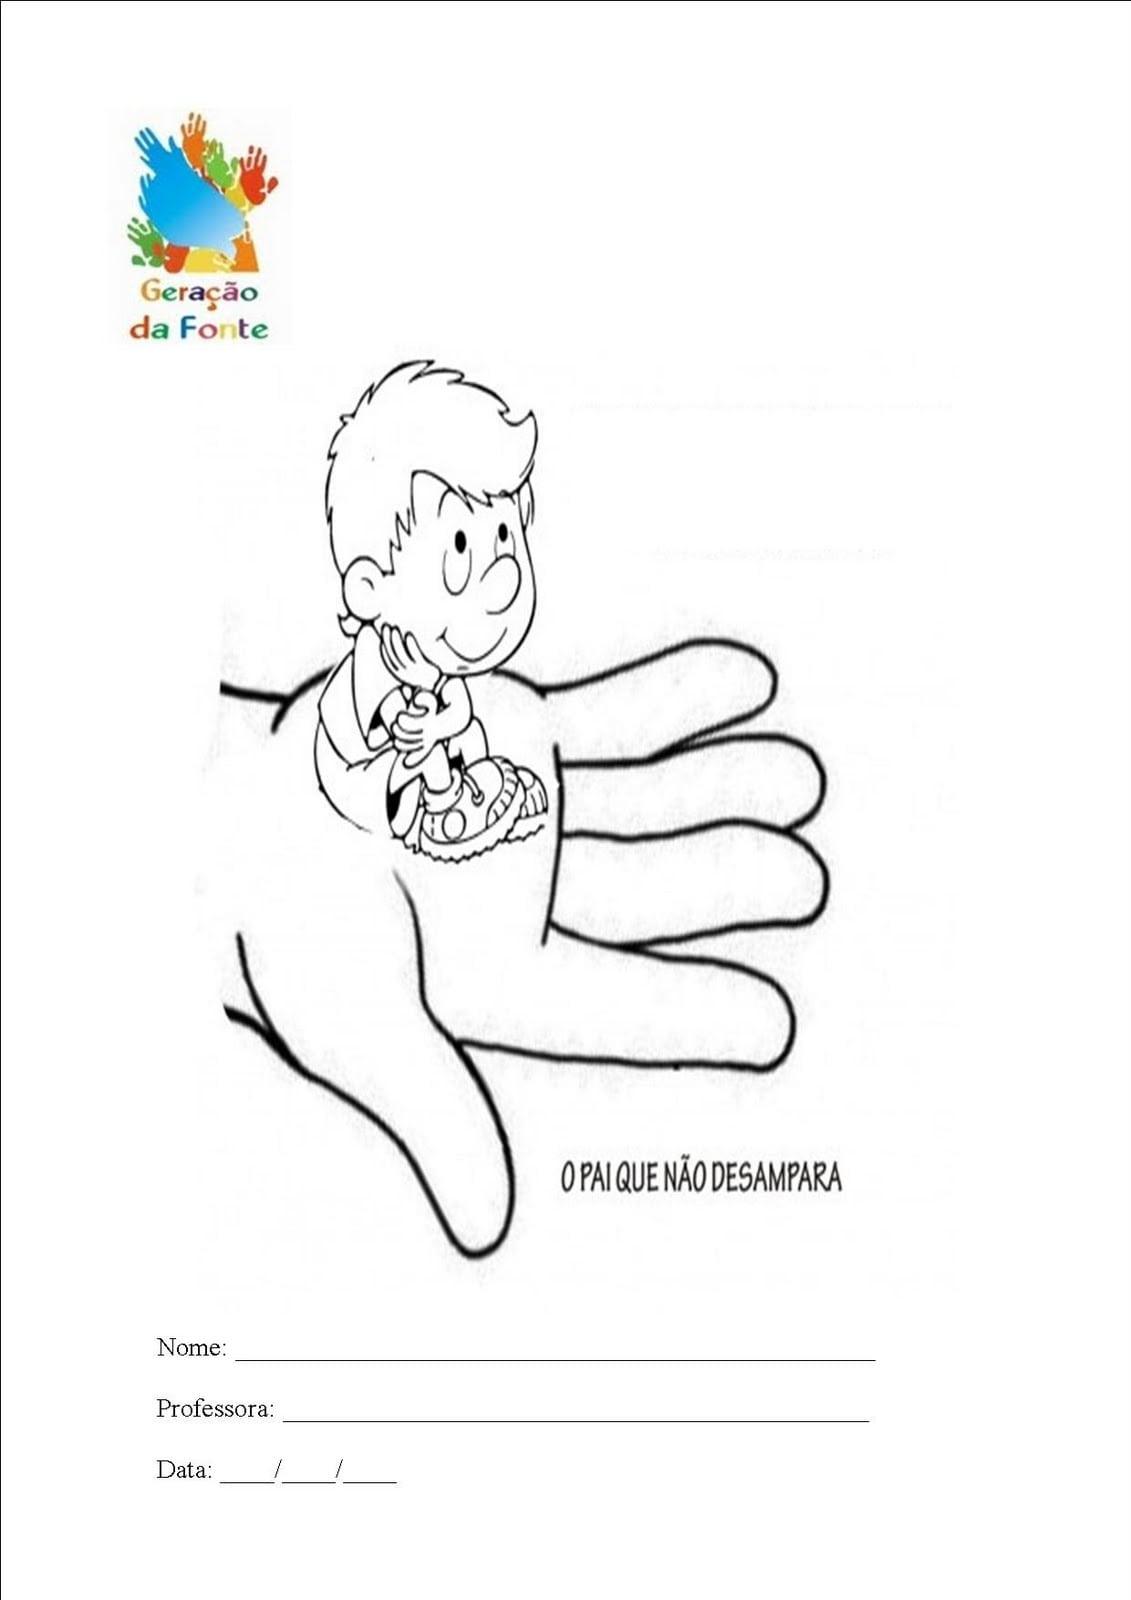 Desenhos Para Crian Inhas De 3 Anos Colorir – Pampekids Net